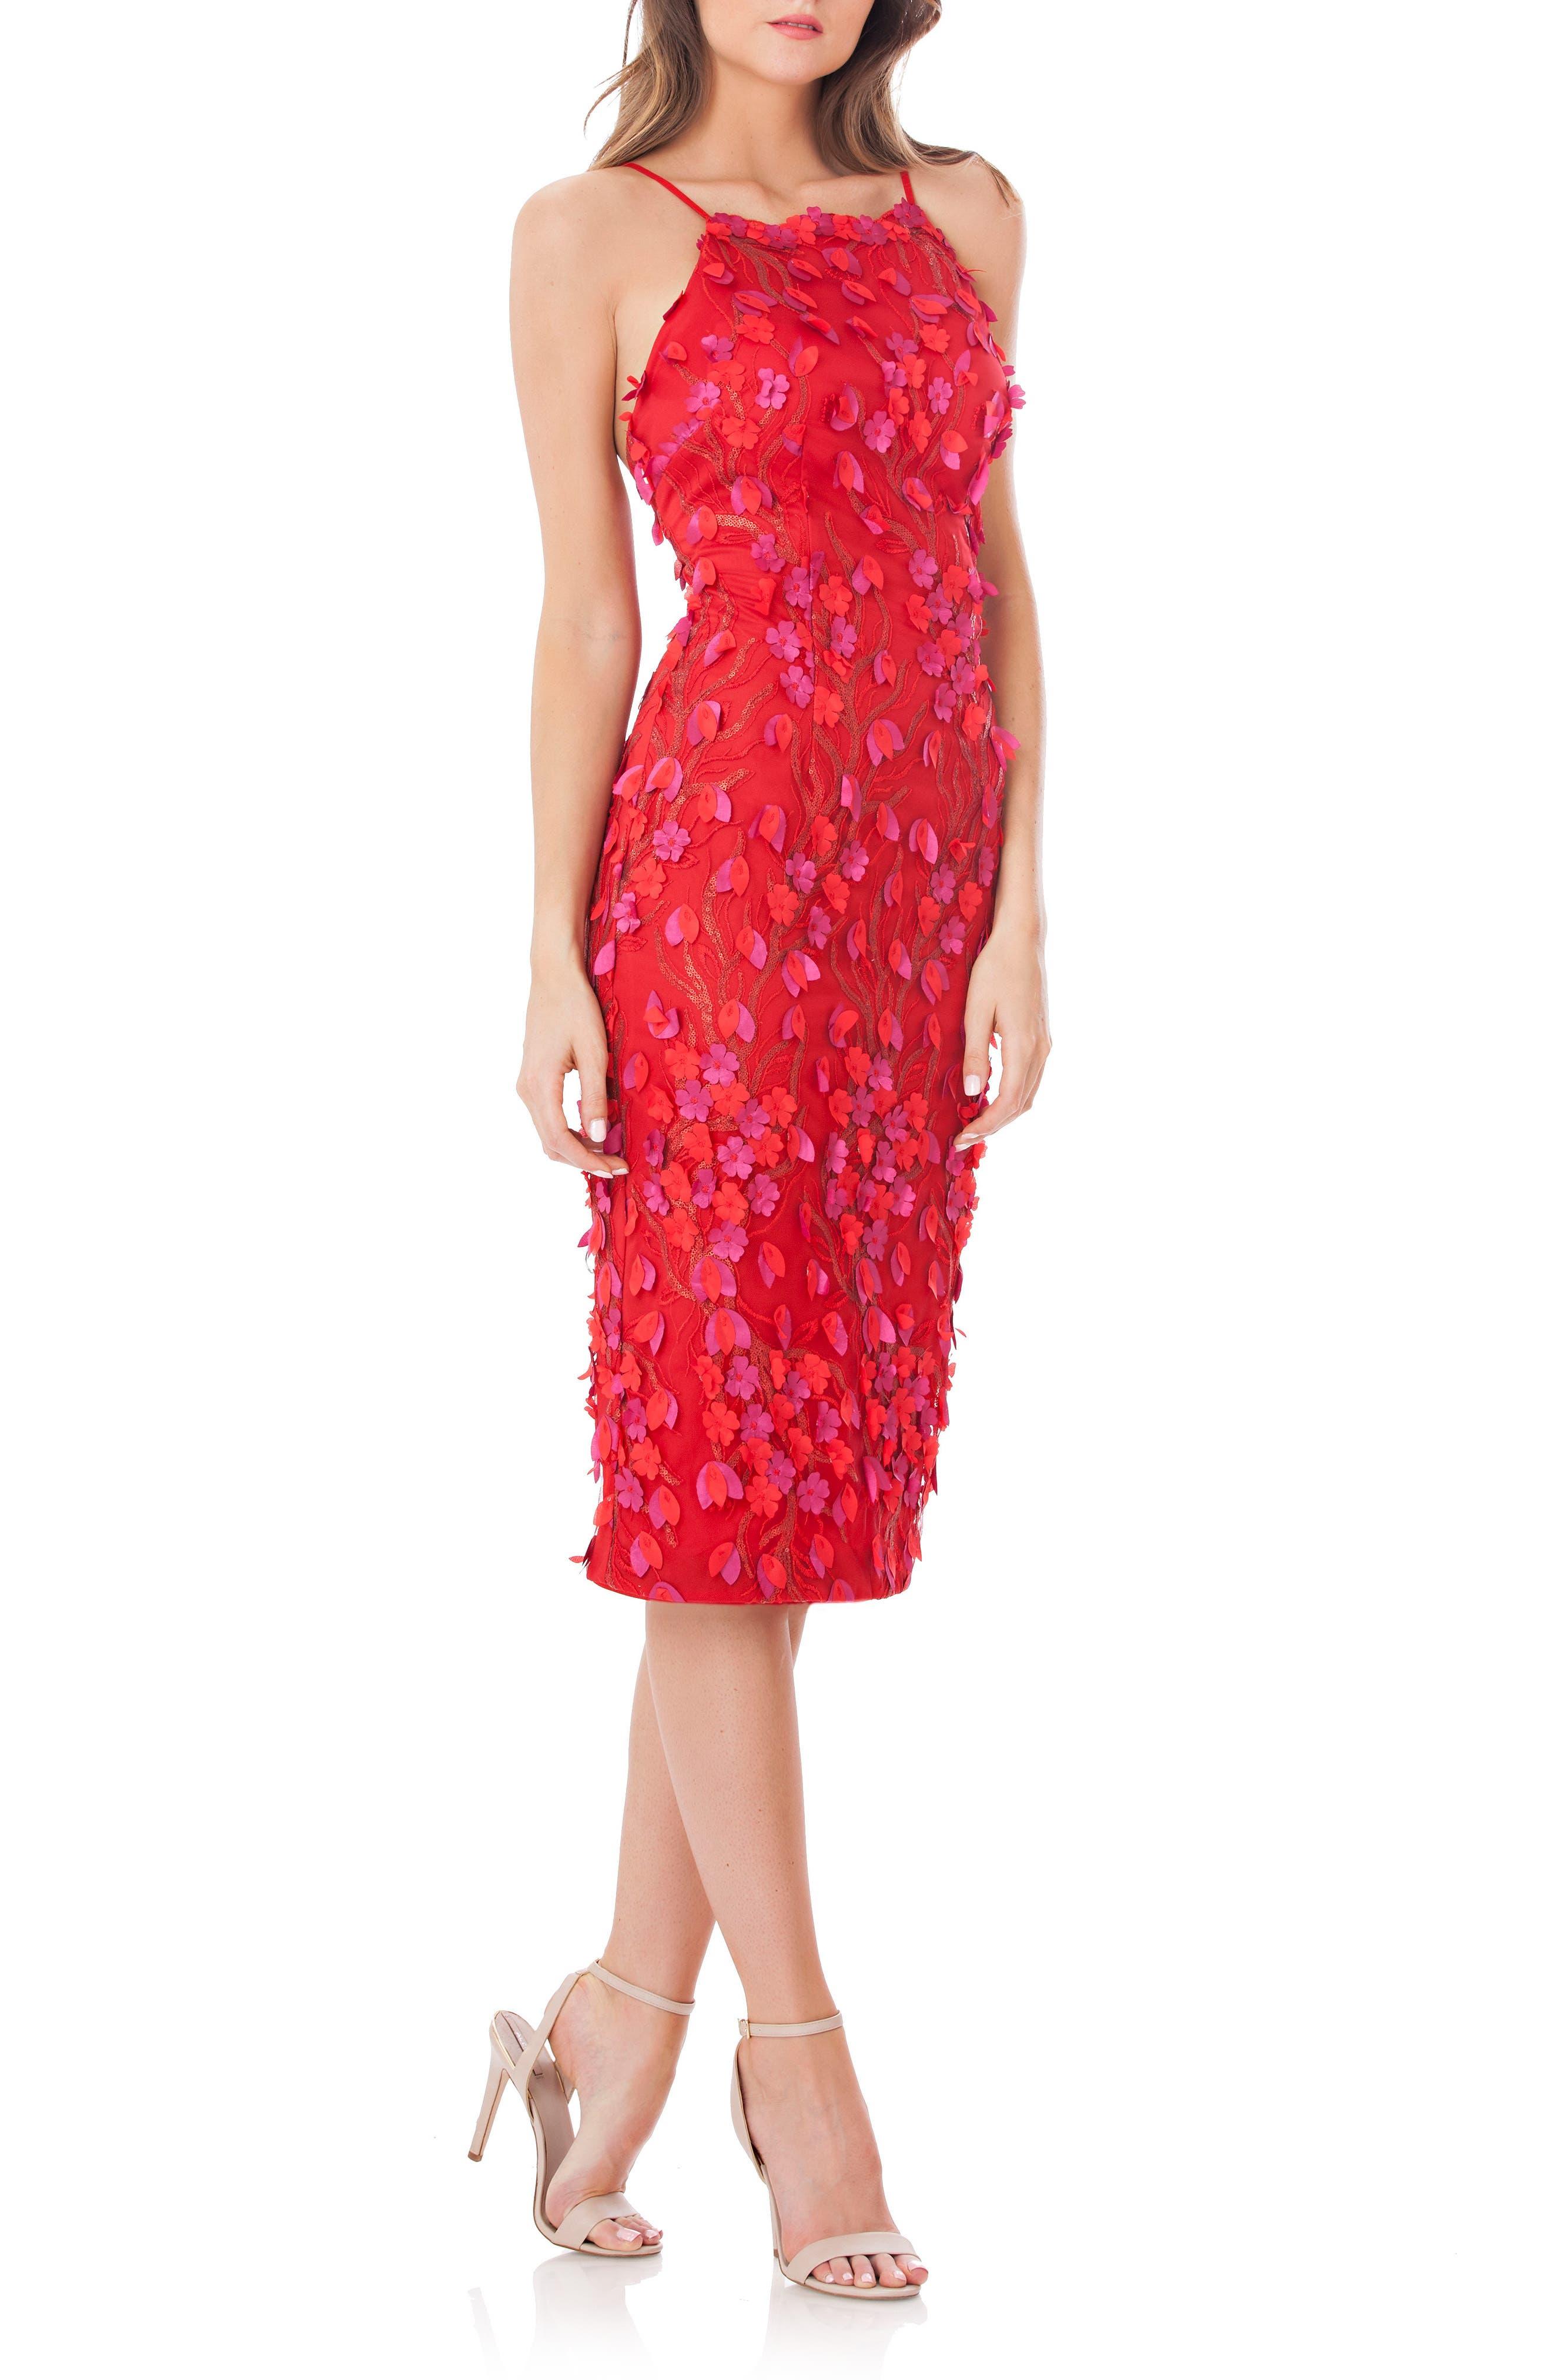 Petals Embellished Halter Neck Sheath Dress,                         Main,                         color, Red